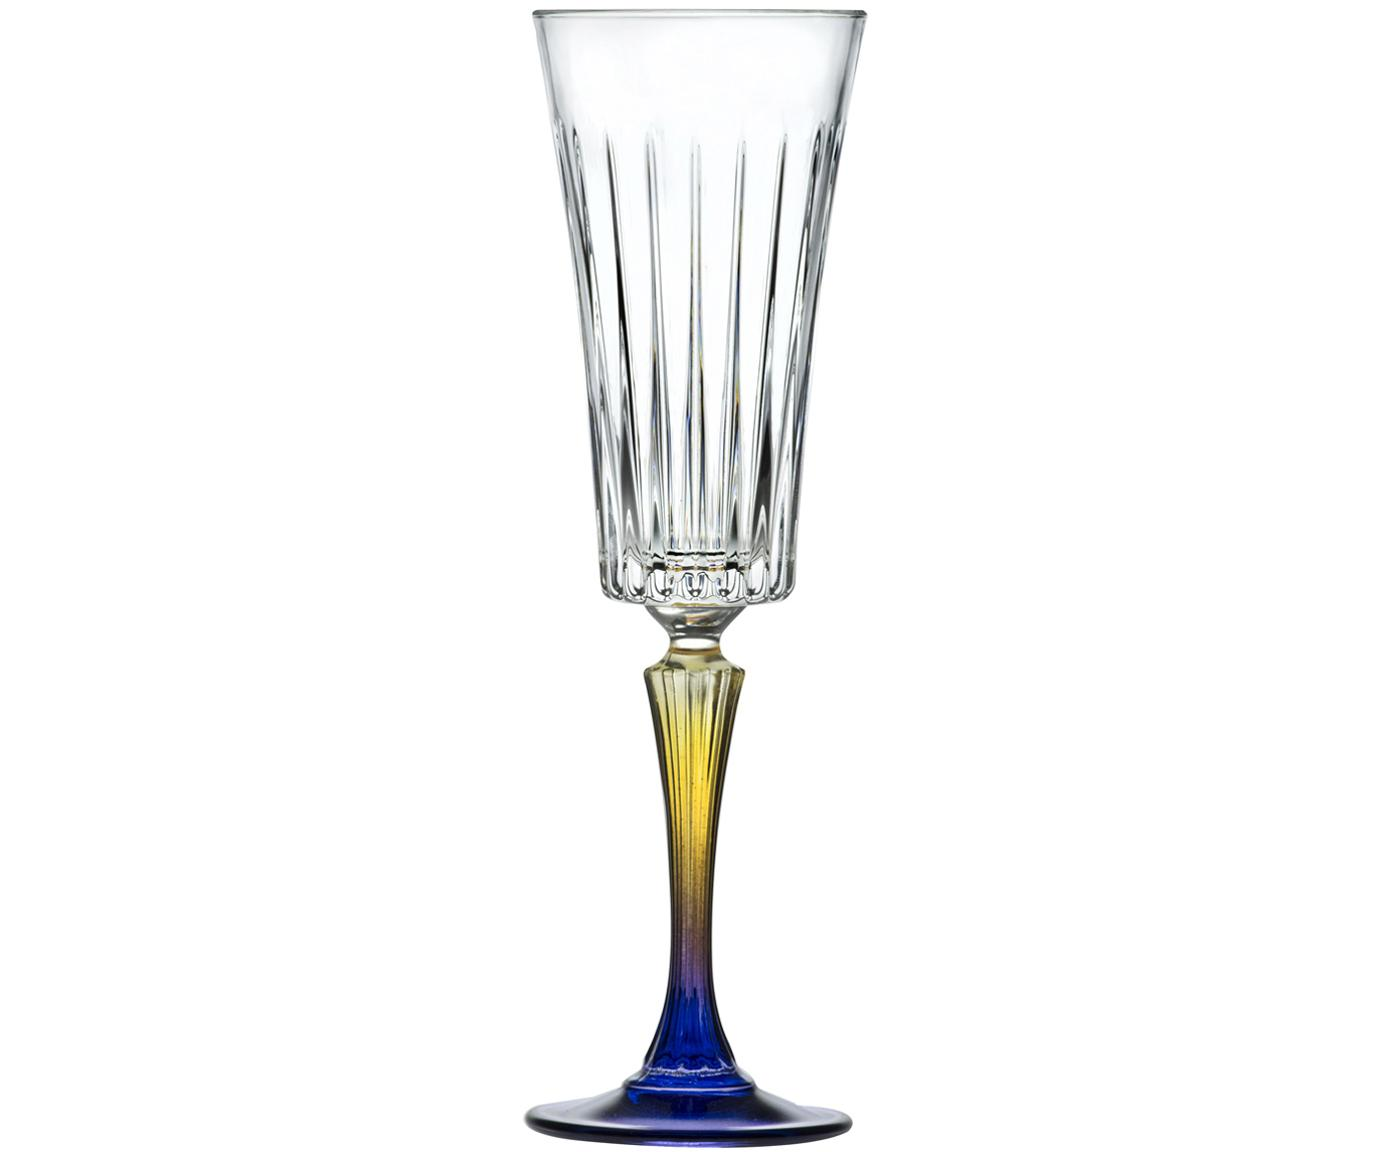 Kristall-Sektgläser Gipsy mit zweifarbigem Stiel, 6er-Set, Luxion-Kristallglas, Transparent, Gelb, Blau, Ø 7 x H 23 cm